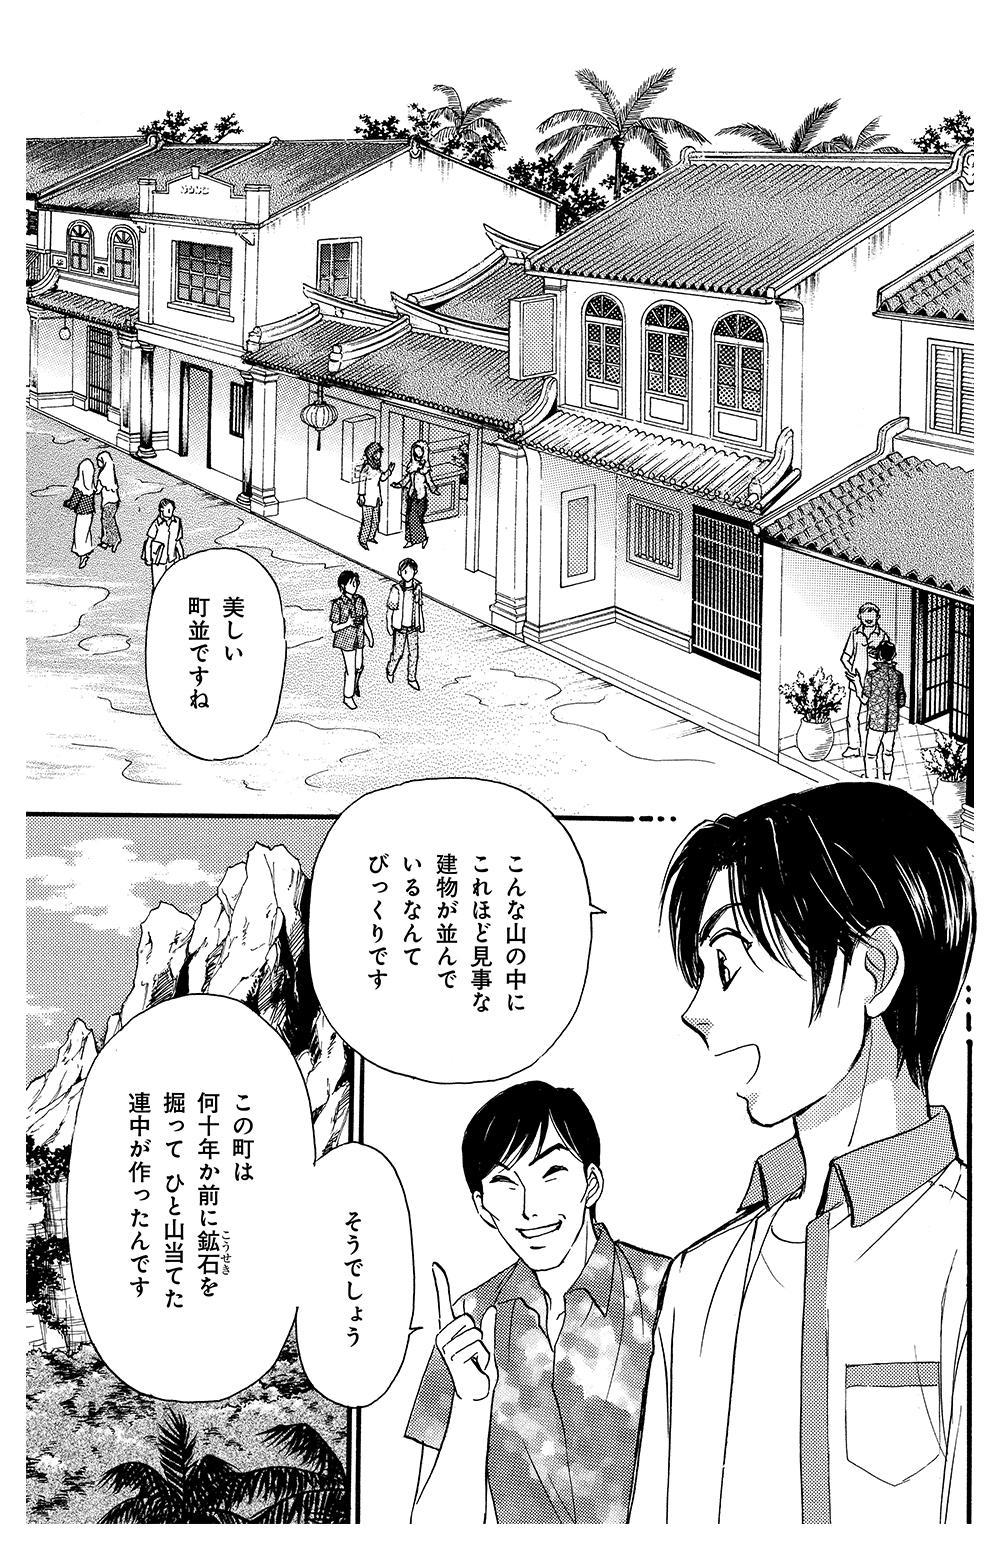 くにのまほろば 第1話 ①kunimaho01-06.jpg